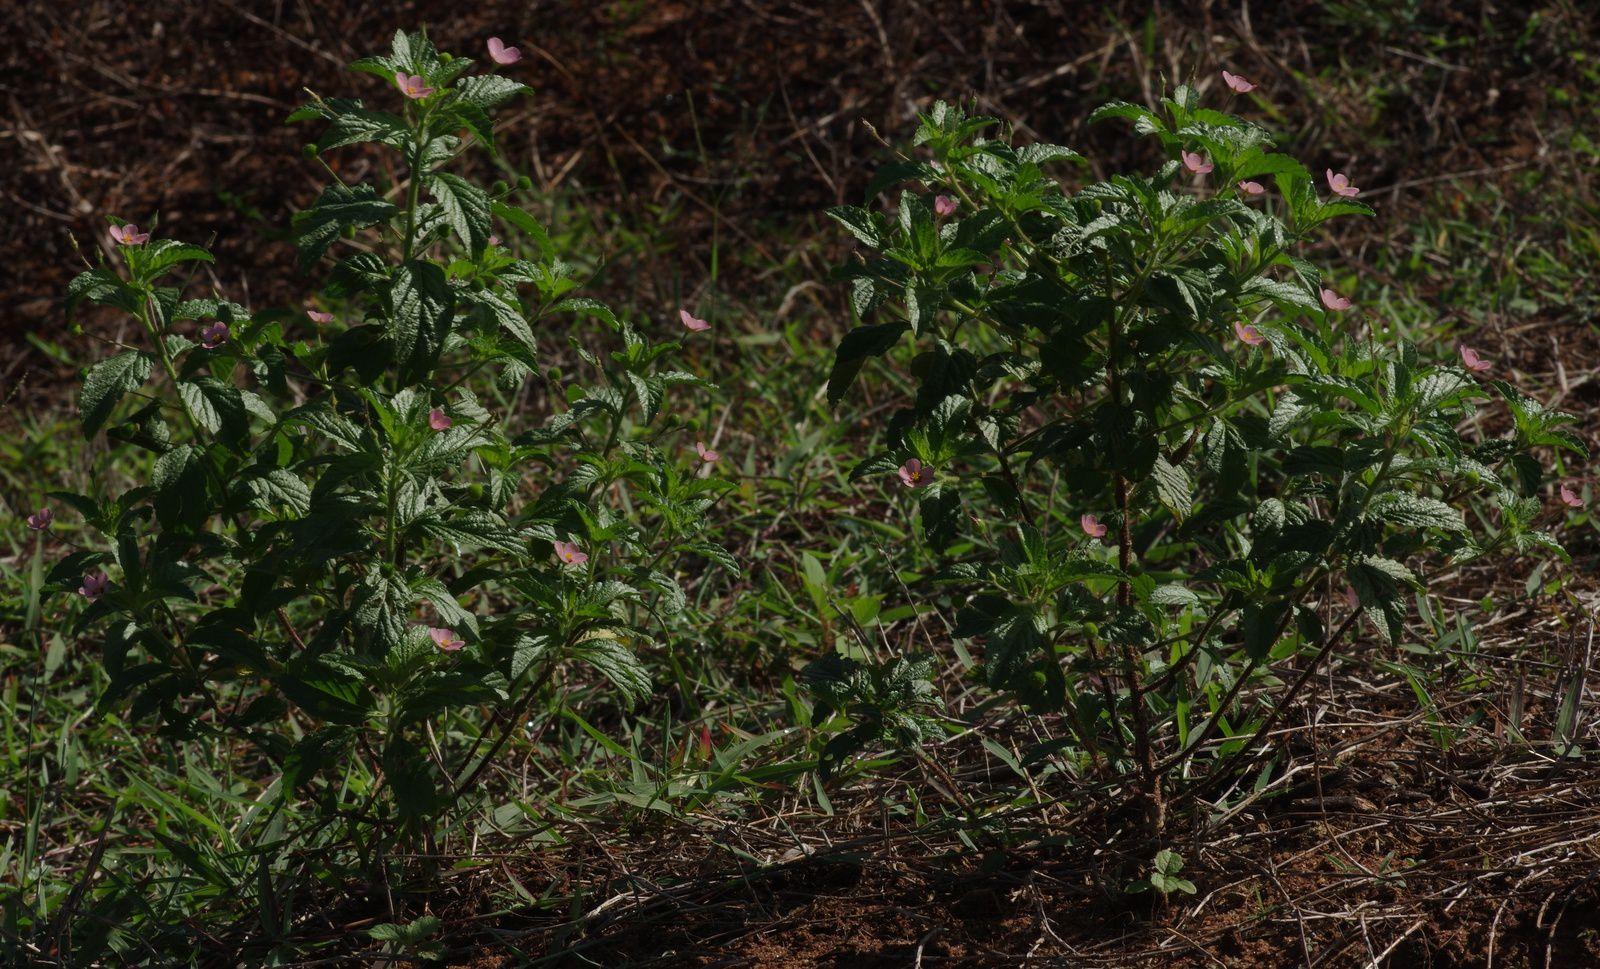 Piriqueta viscosa